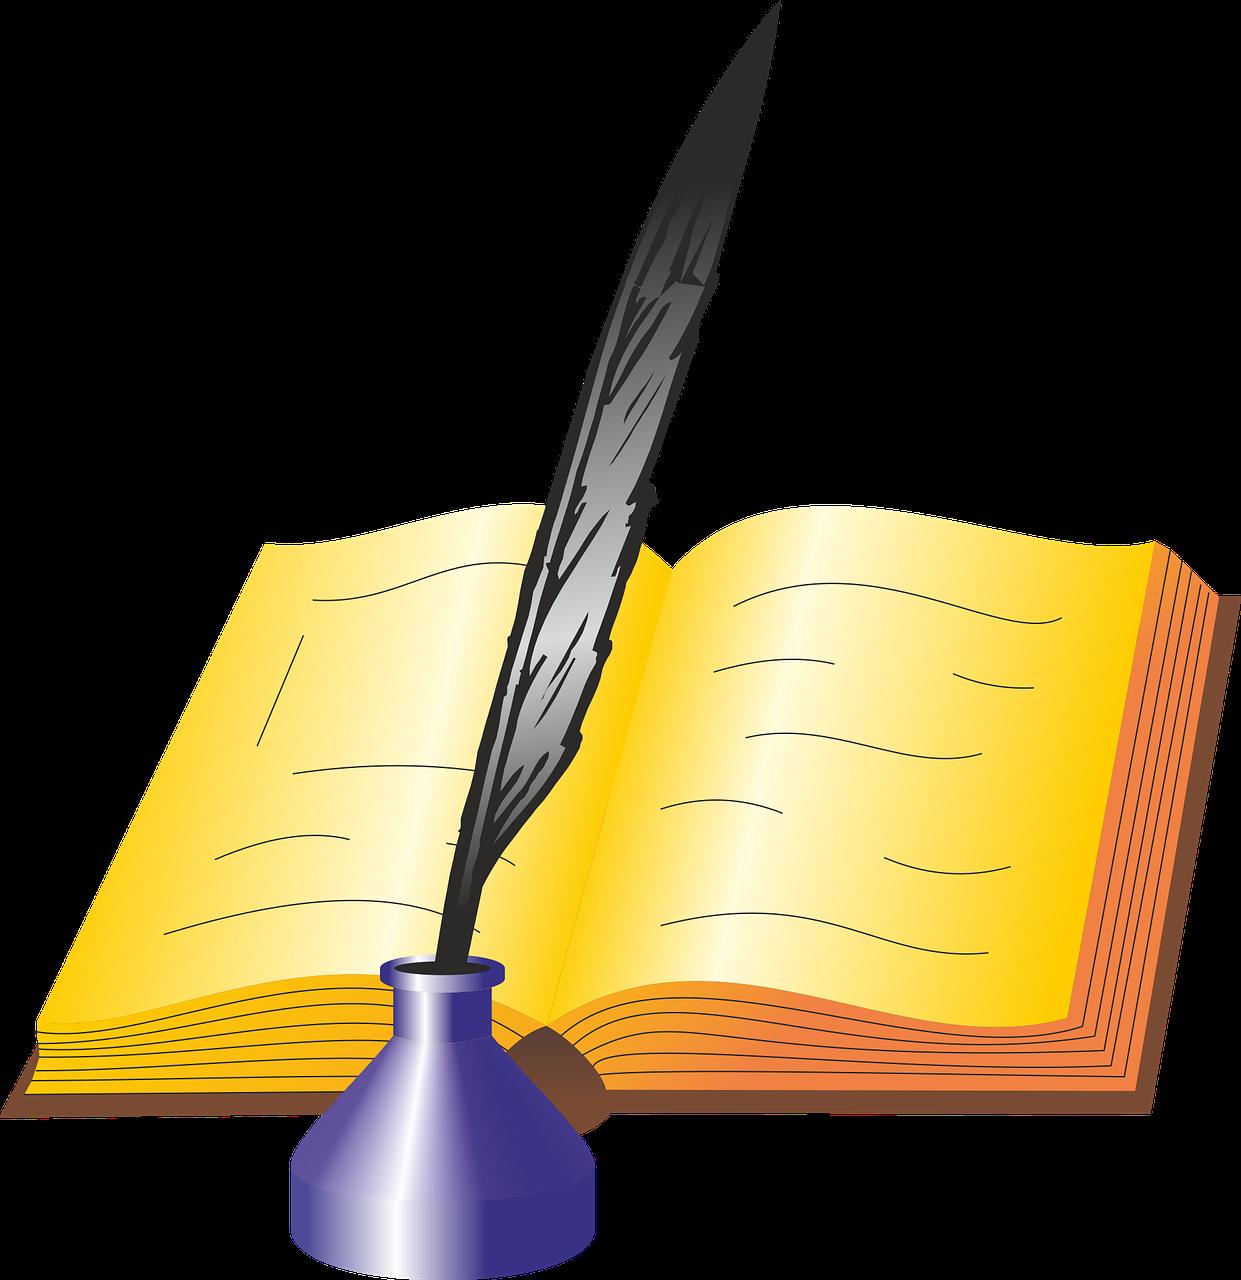 Grafik: www.pixabay.com (lizenzfrei)